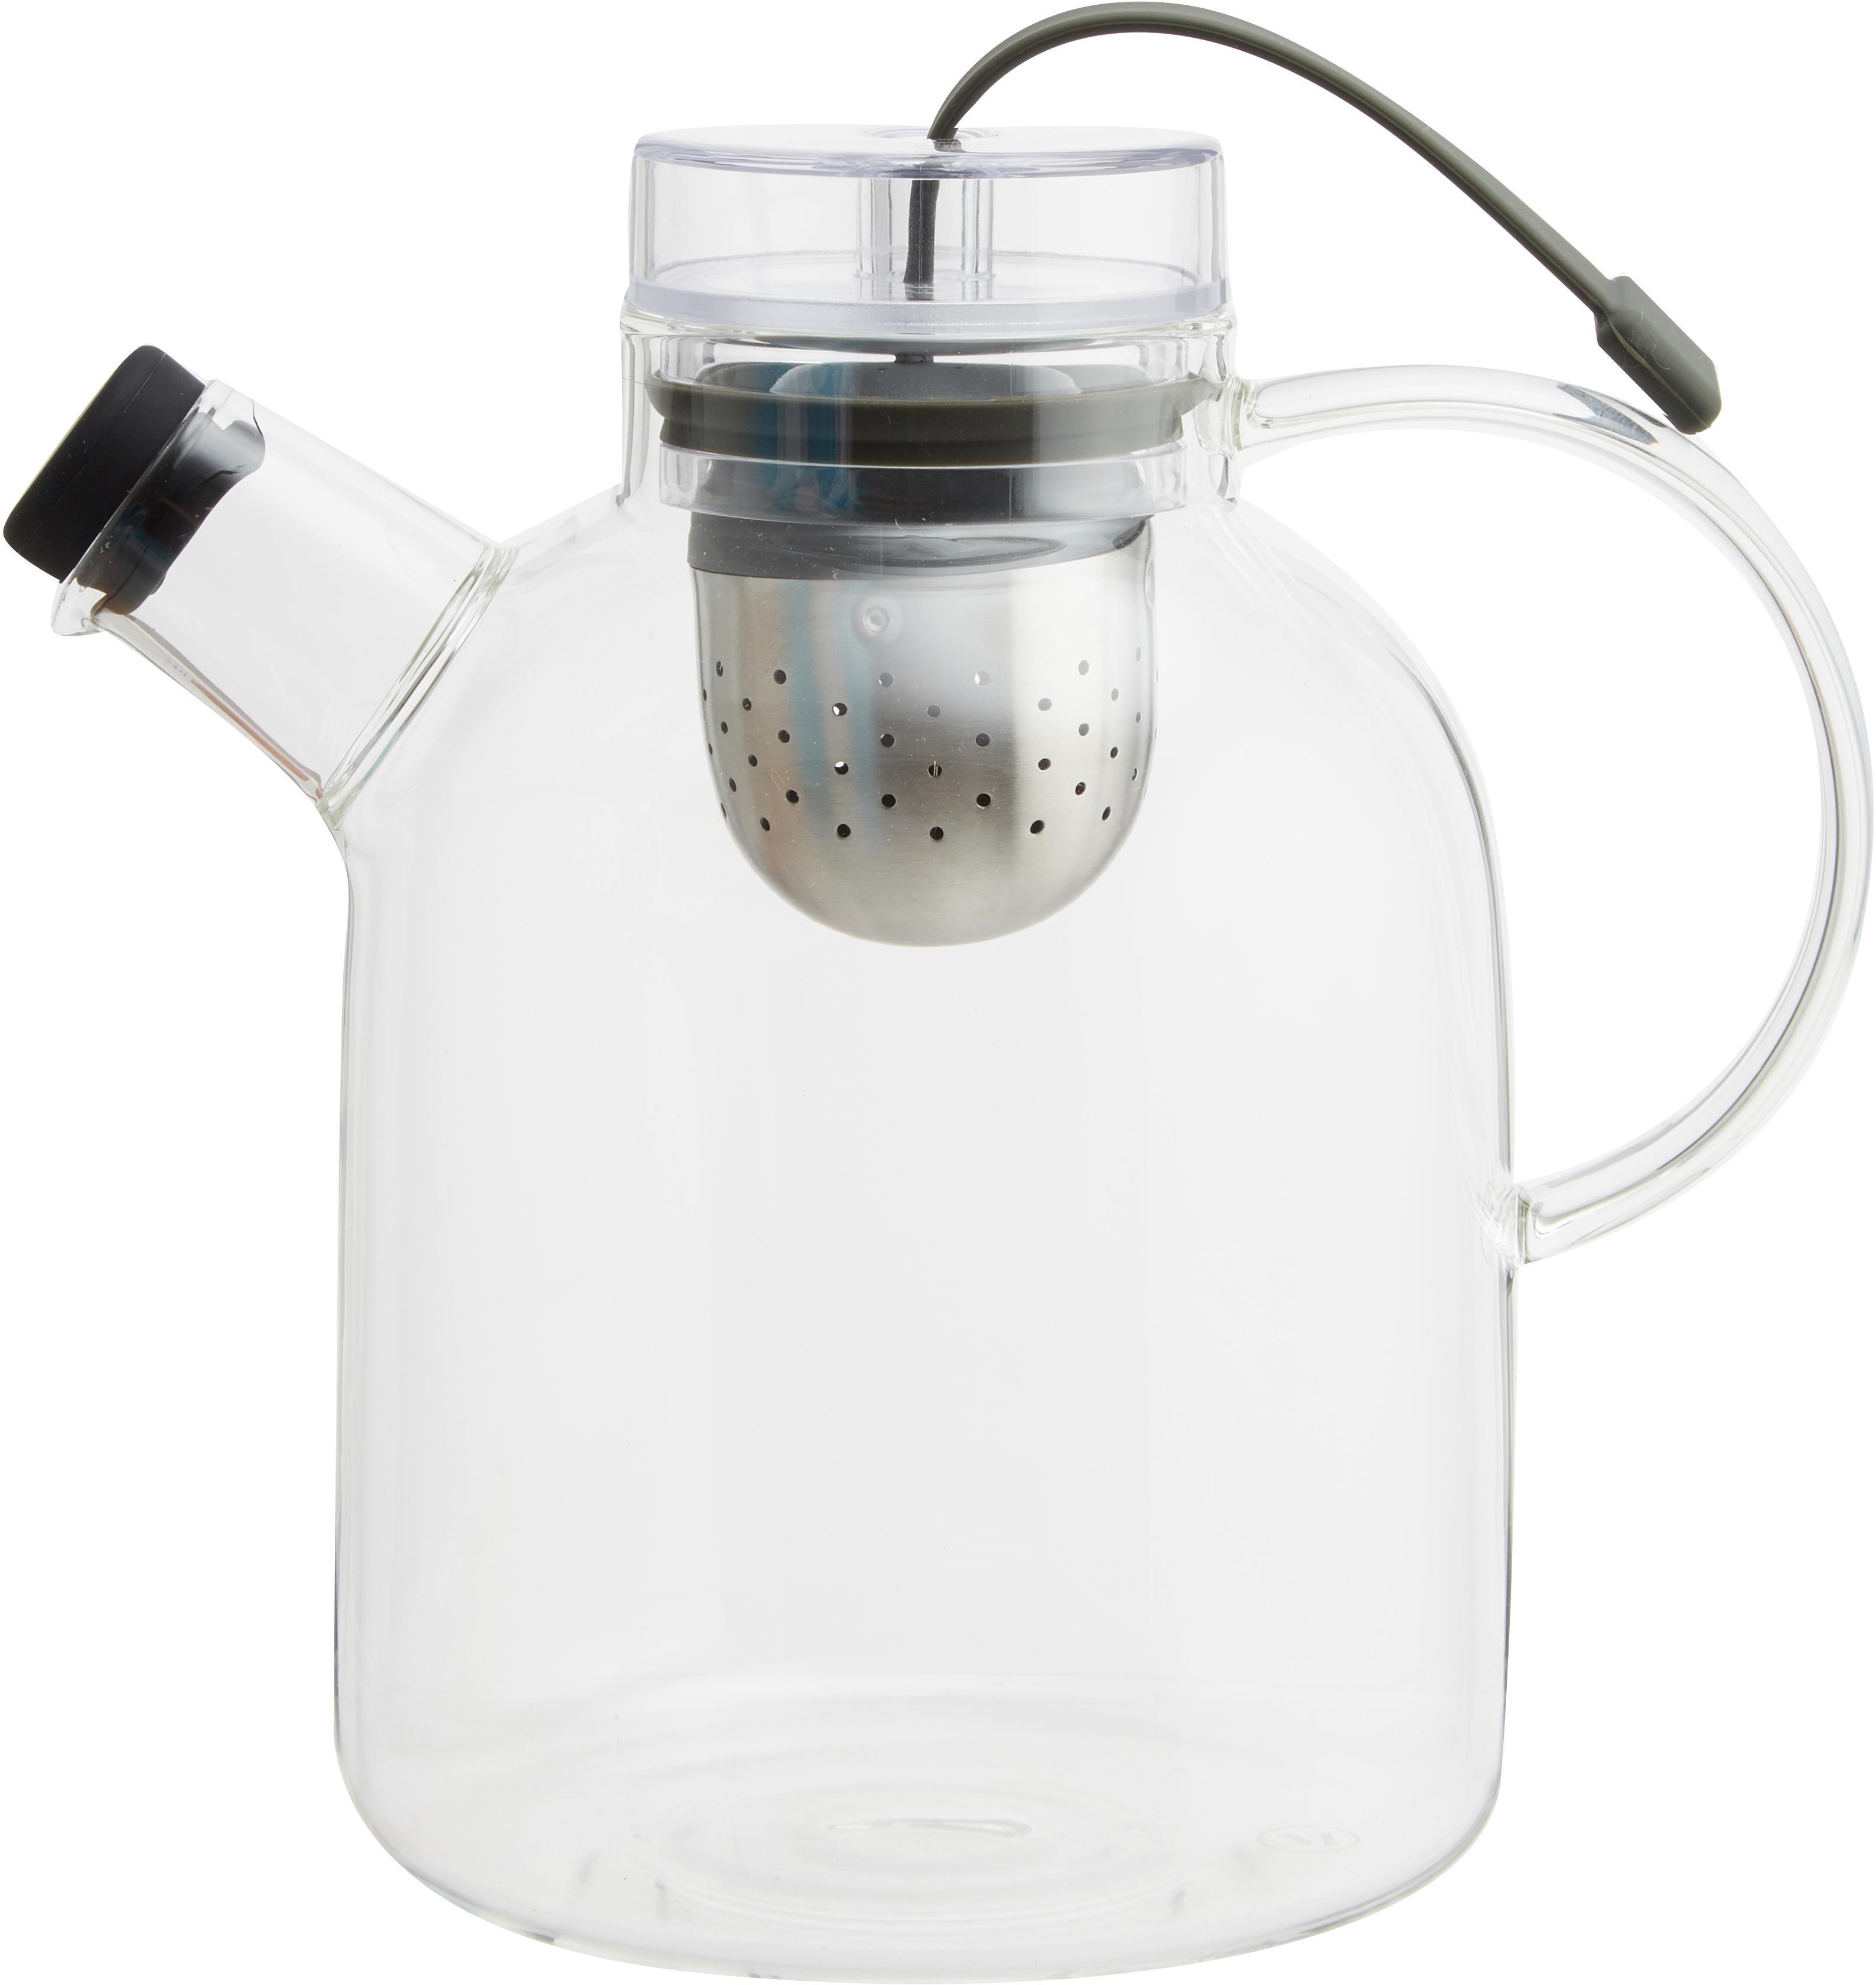 Design Teekanne Kettle aus Glas mit Tee-Ei, Kanne: Glas, Transparent, 1.5 L